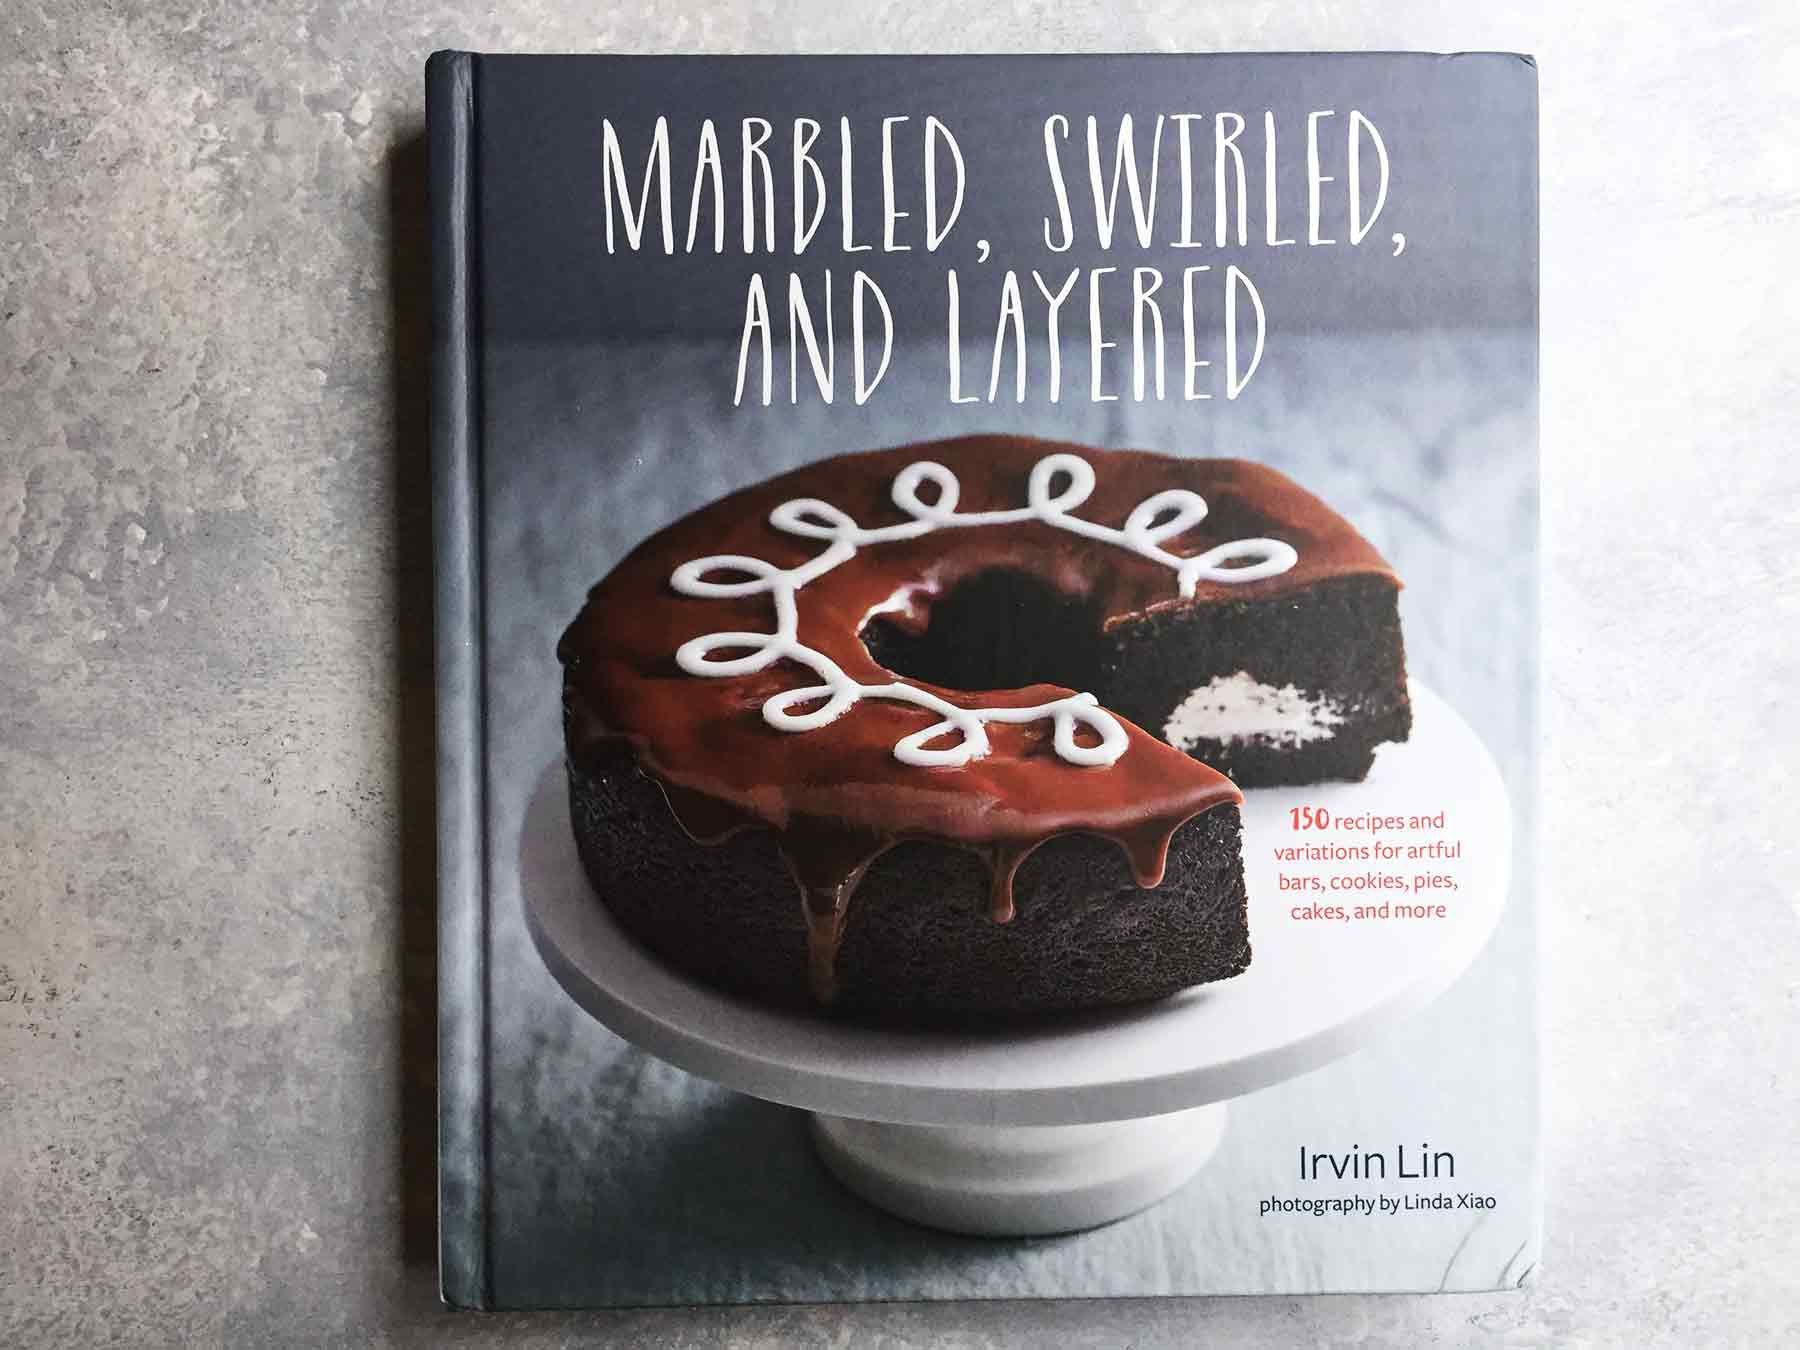 Marbled Swirled Layered